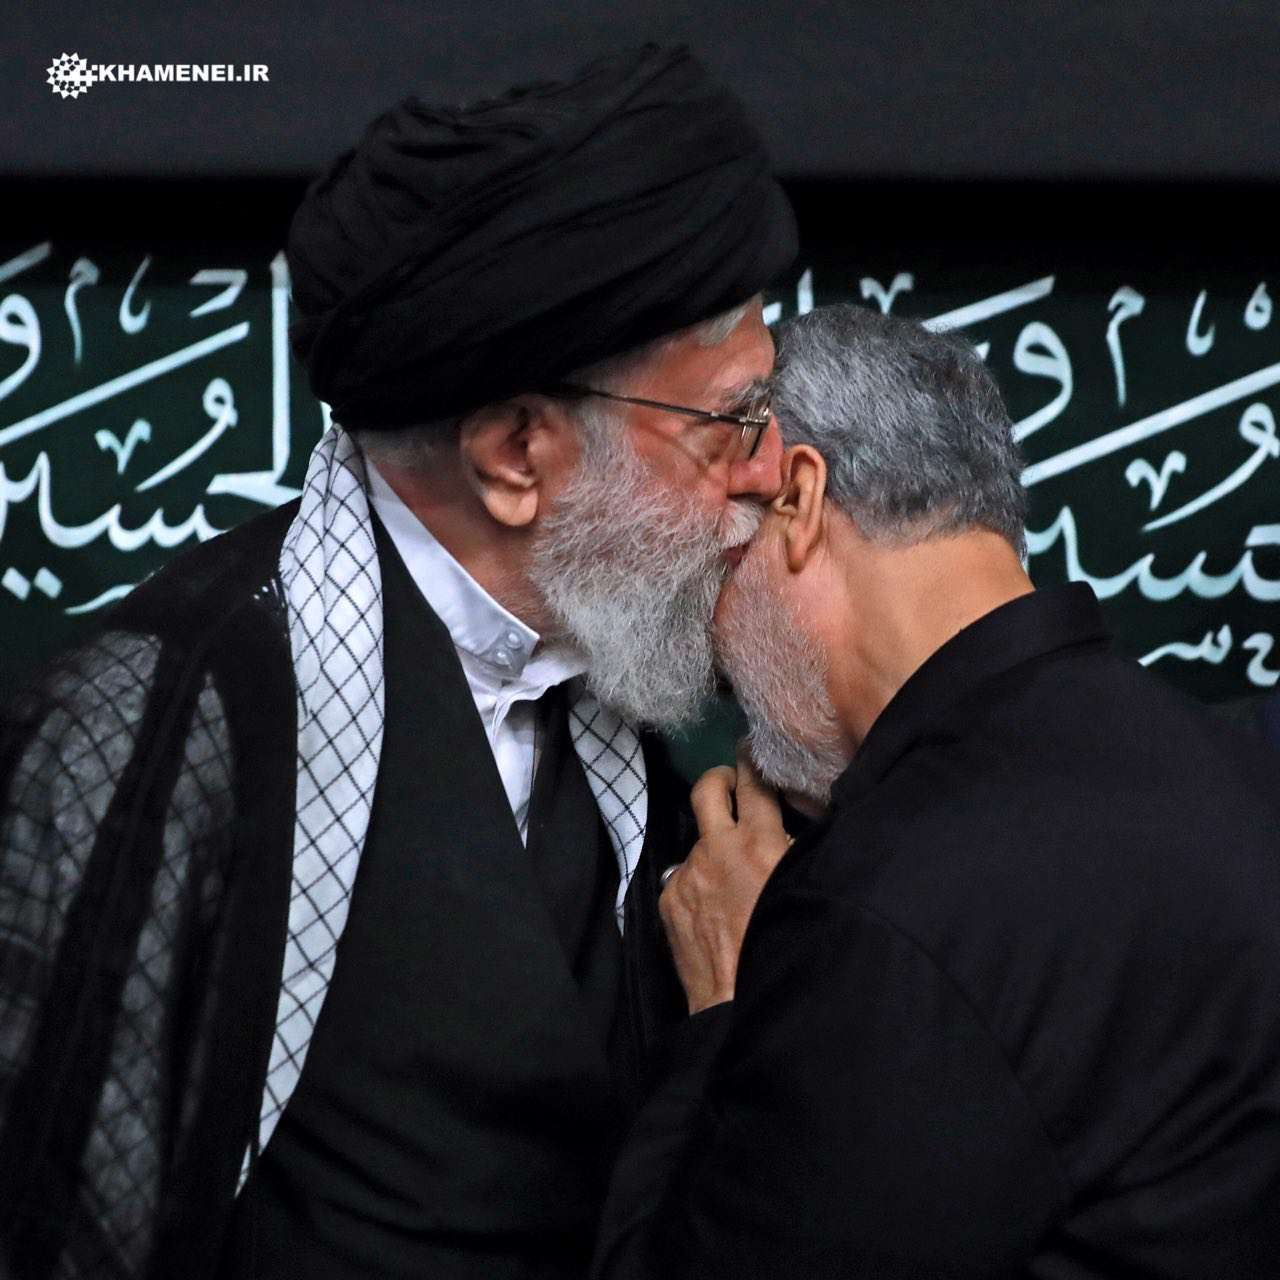 تصویری از سردار سرلشکر حاج قاسم سلیمانی و رهبر معظم انقلاب اسلامی در پایان مراسم عزاداری شب تاسوعا